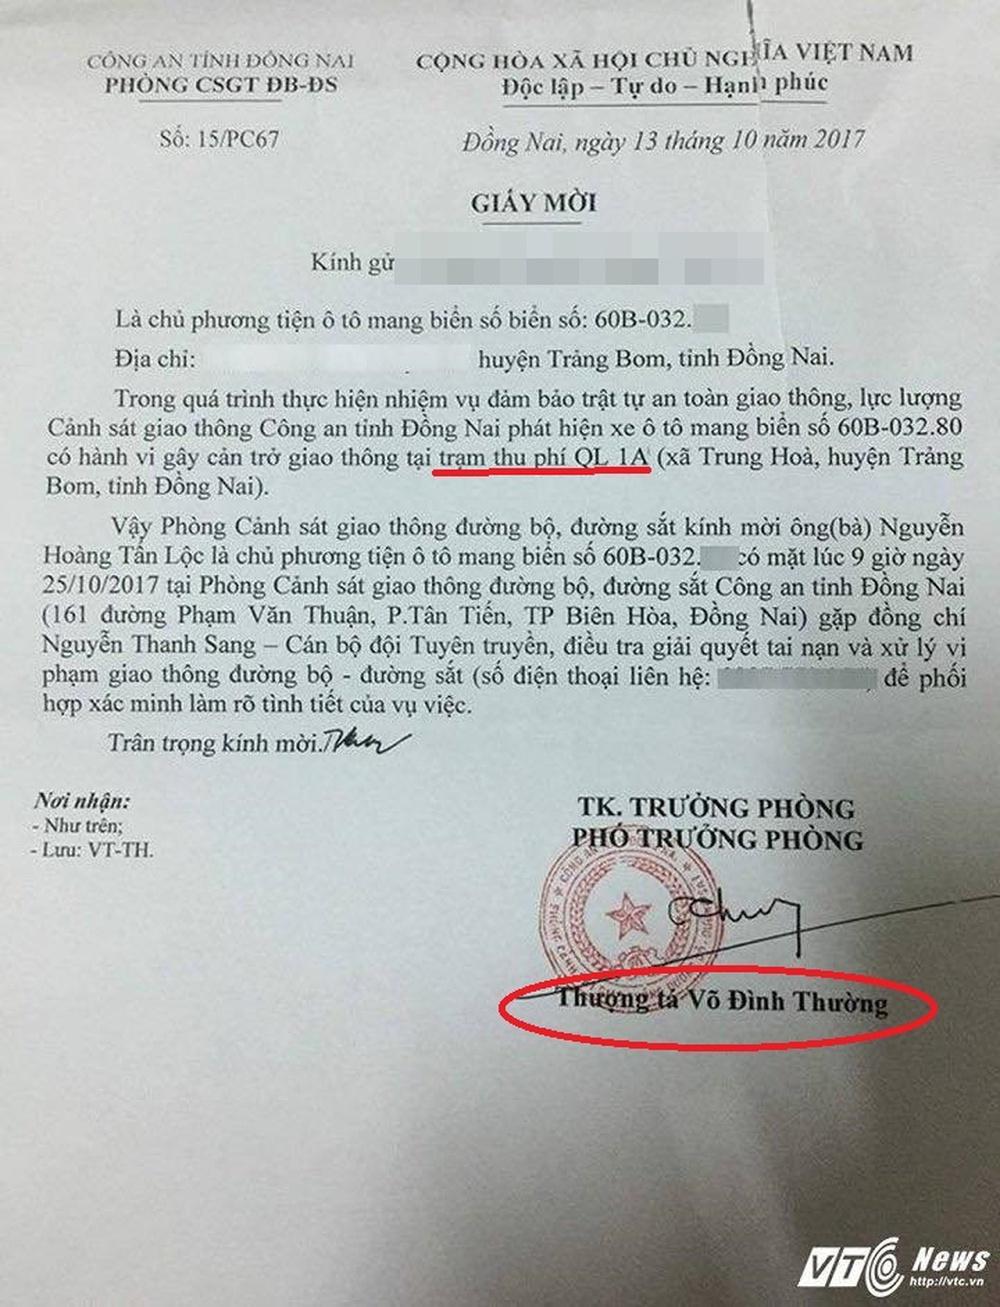 Giấy mời tài xế trả tiền lẻ qua BOT Biên Hòa lên làm việc do Thượng tá Võ Đình Thường ký có vấn đề? - Ảnh 1.